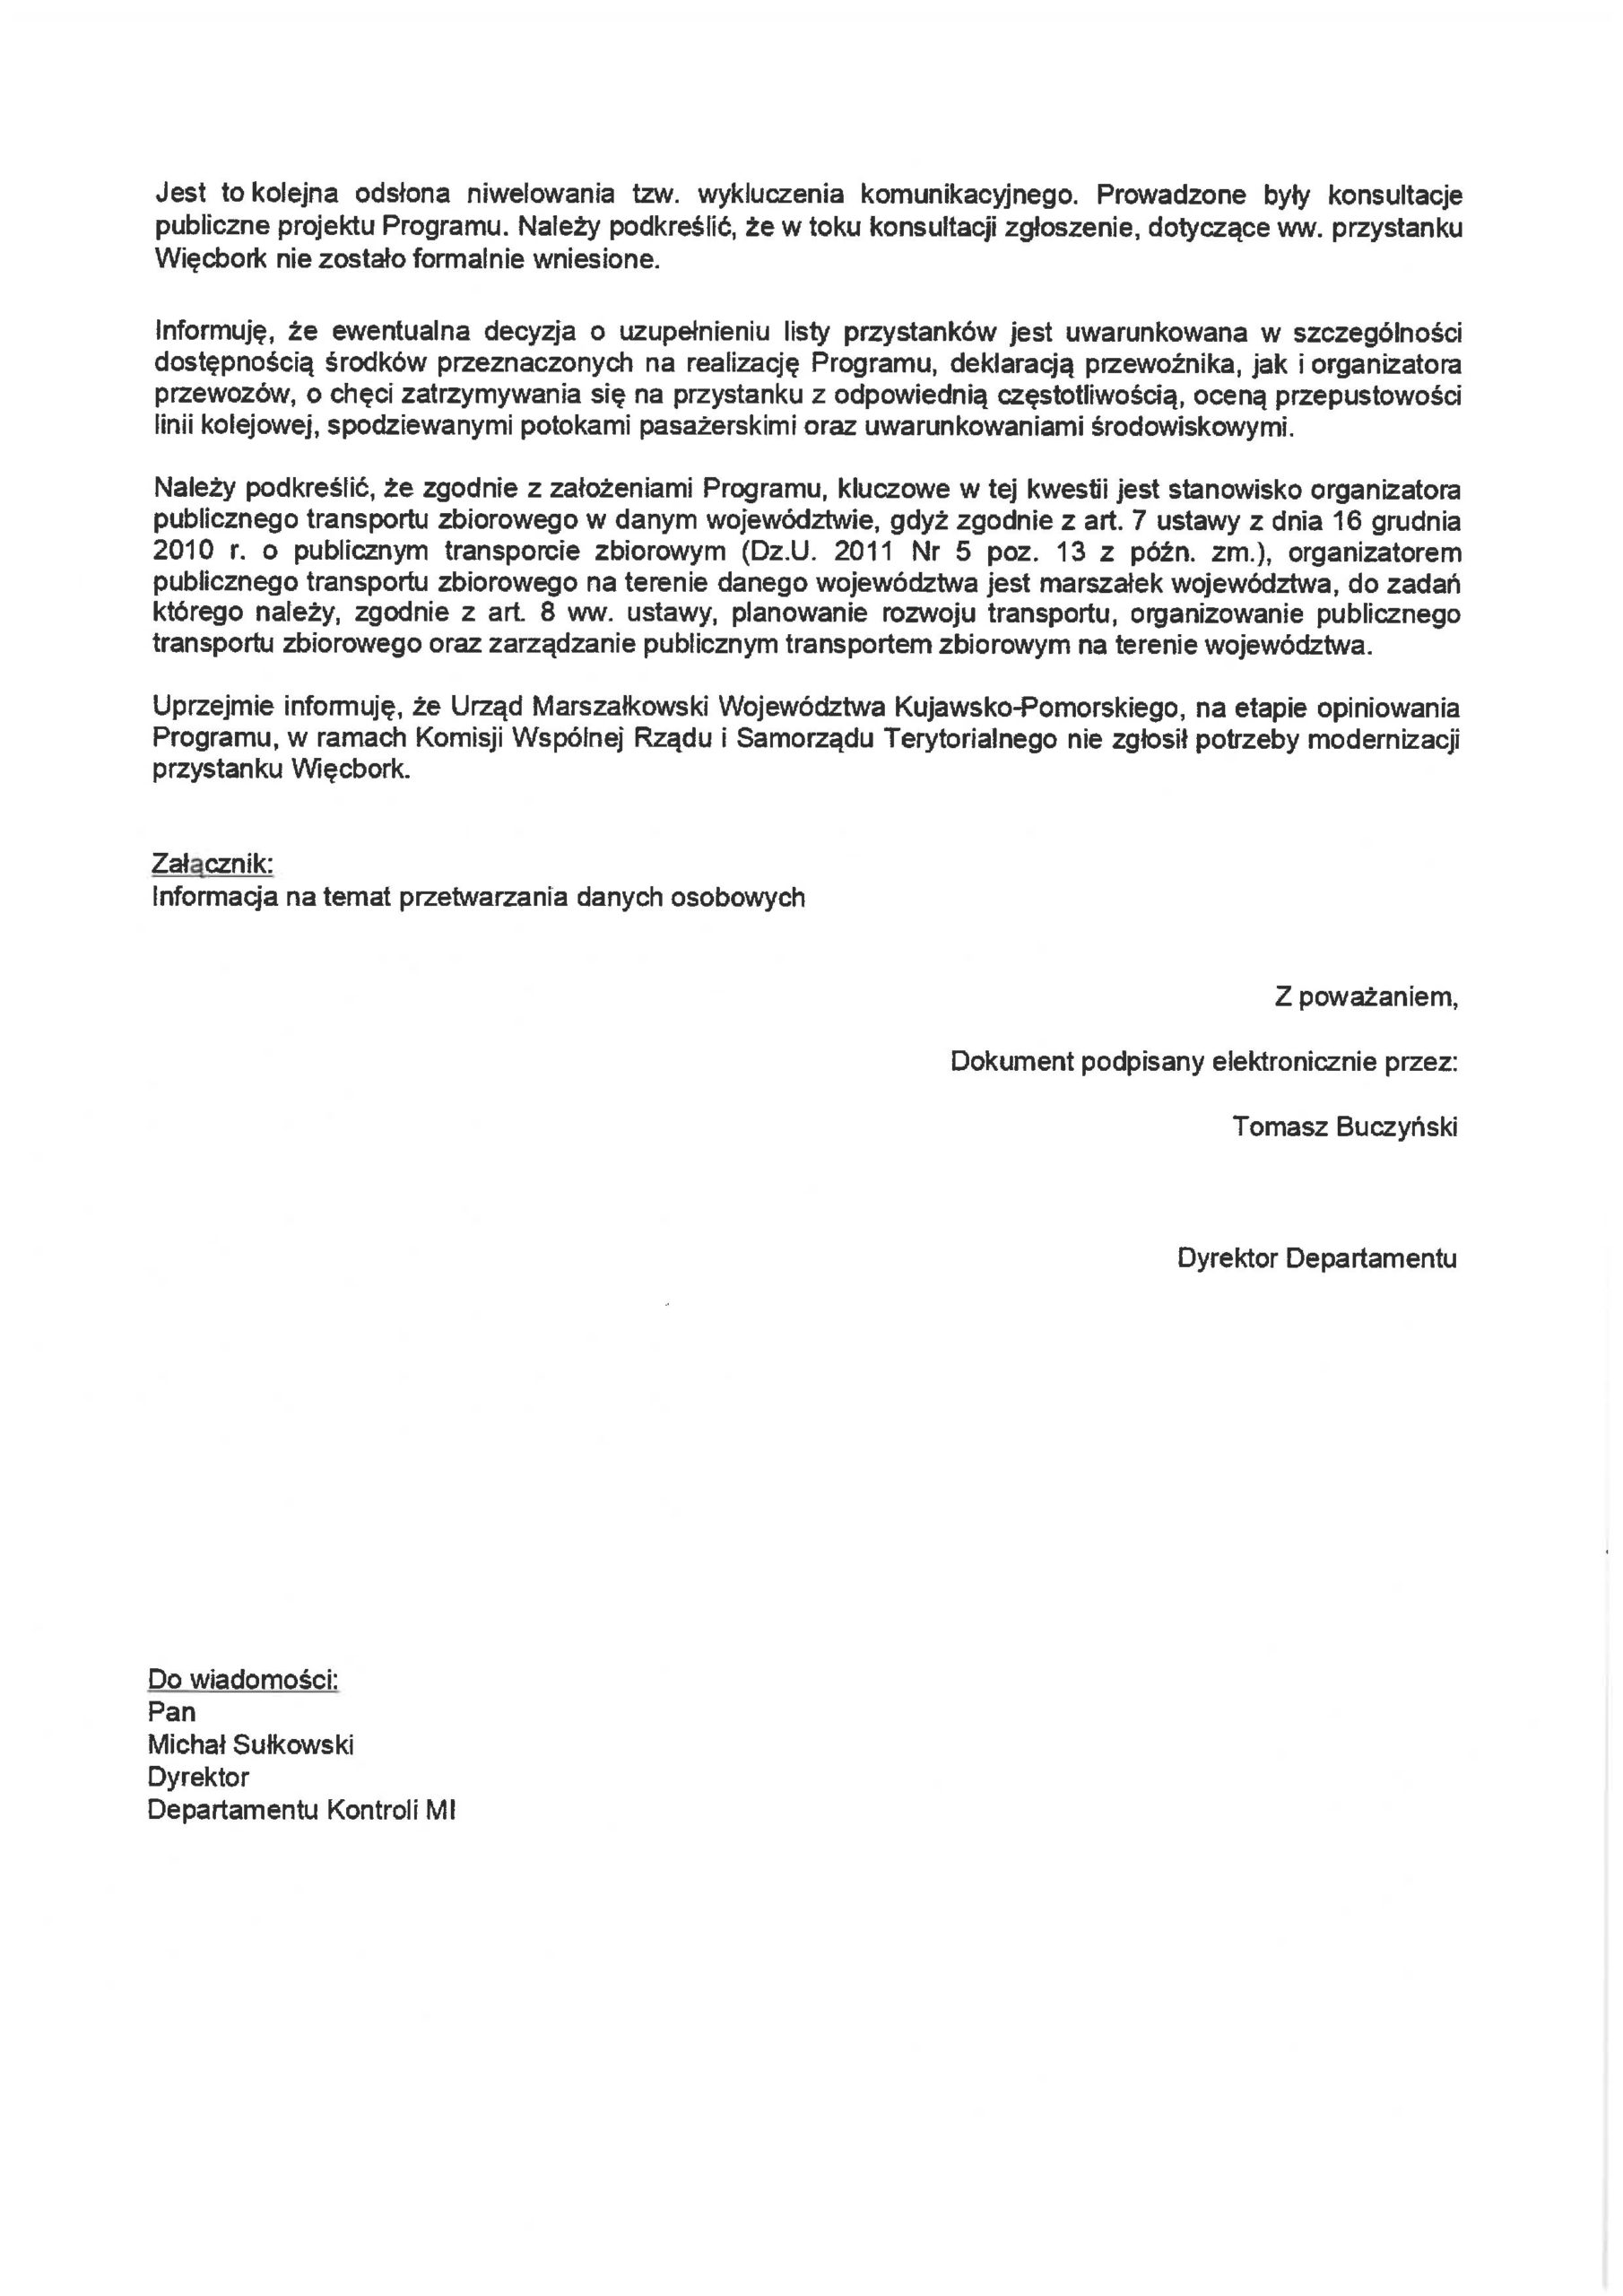 Po mojejkolejnej skutecznej interwencji wMinisterstwie Infrastruktury RP, Dyrektor Departamentu Kolejnictwa Ministerstwa Infrastruktury RP Tomasz Buczyńskim potwierdza mi wzałączonym piśmie zdnia 28 lipca 2021 r. znak sprawy DTK-1.051.13.2020, żeuwzględniony został przezMinisterstwo Infrastruktury RP iPKP PLK SA mójwniosek wzakresie prac utrzuymaniowo - remontowych naLK nr281 Kcynia - Nakło n/Not - Więcbork - Ogorzeliny w2022 r.